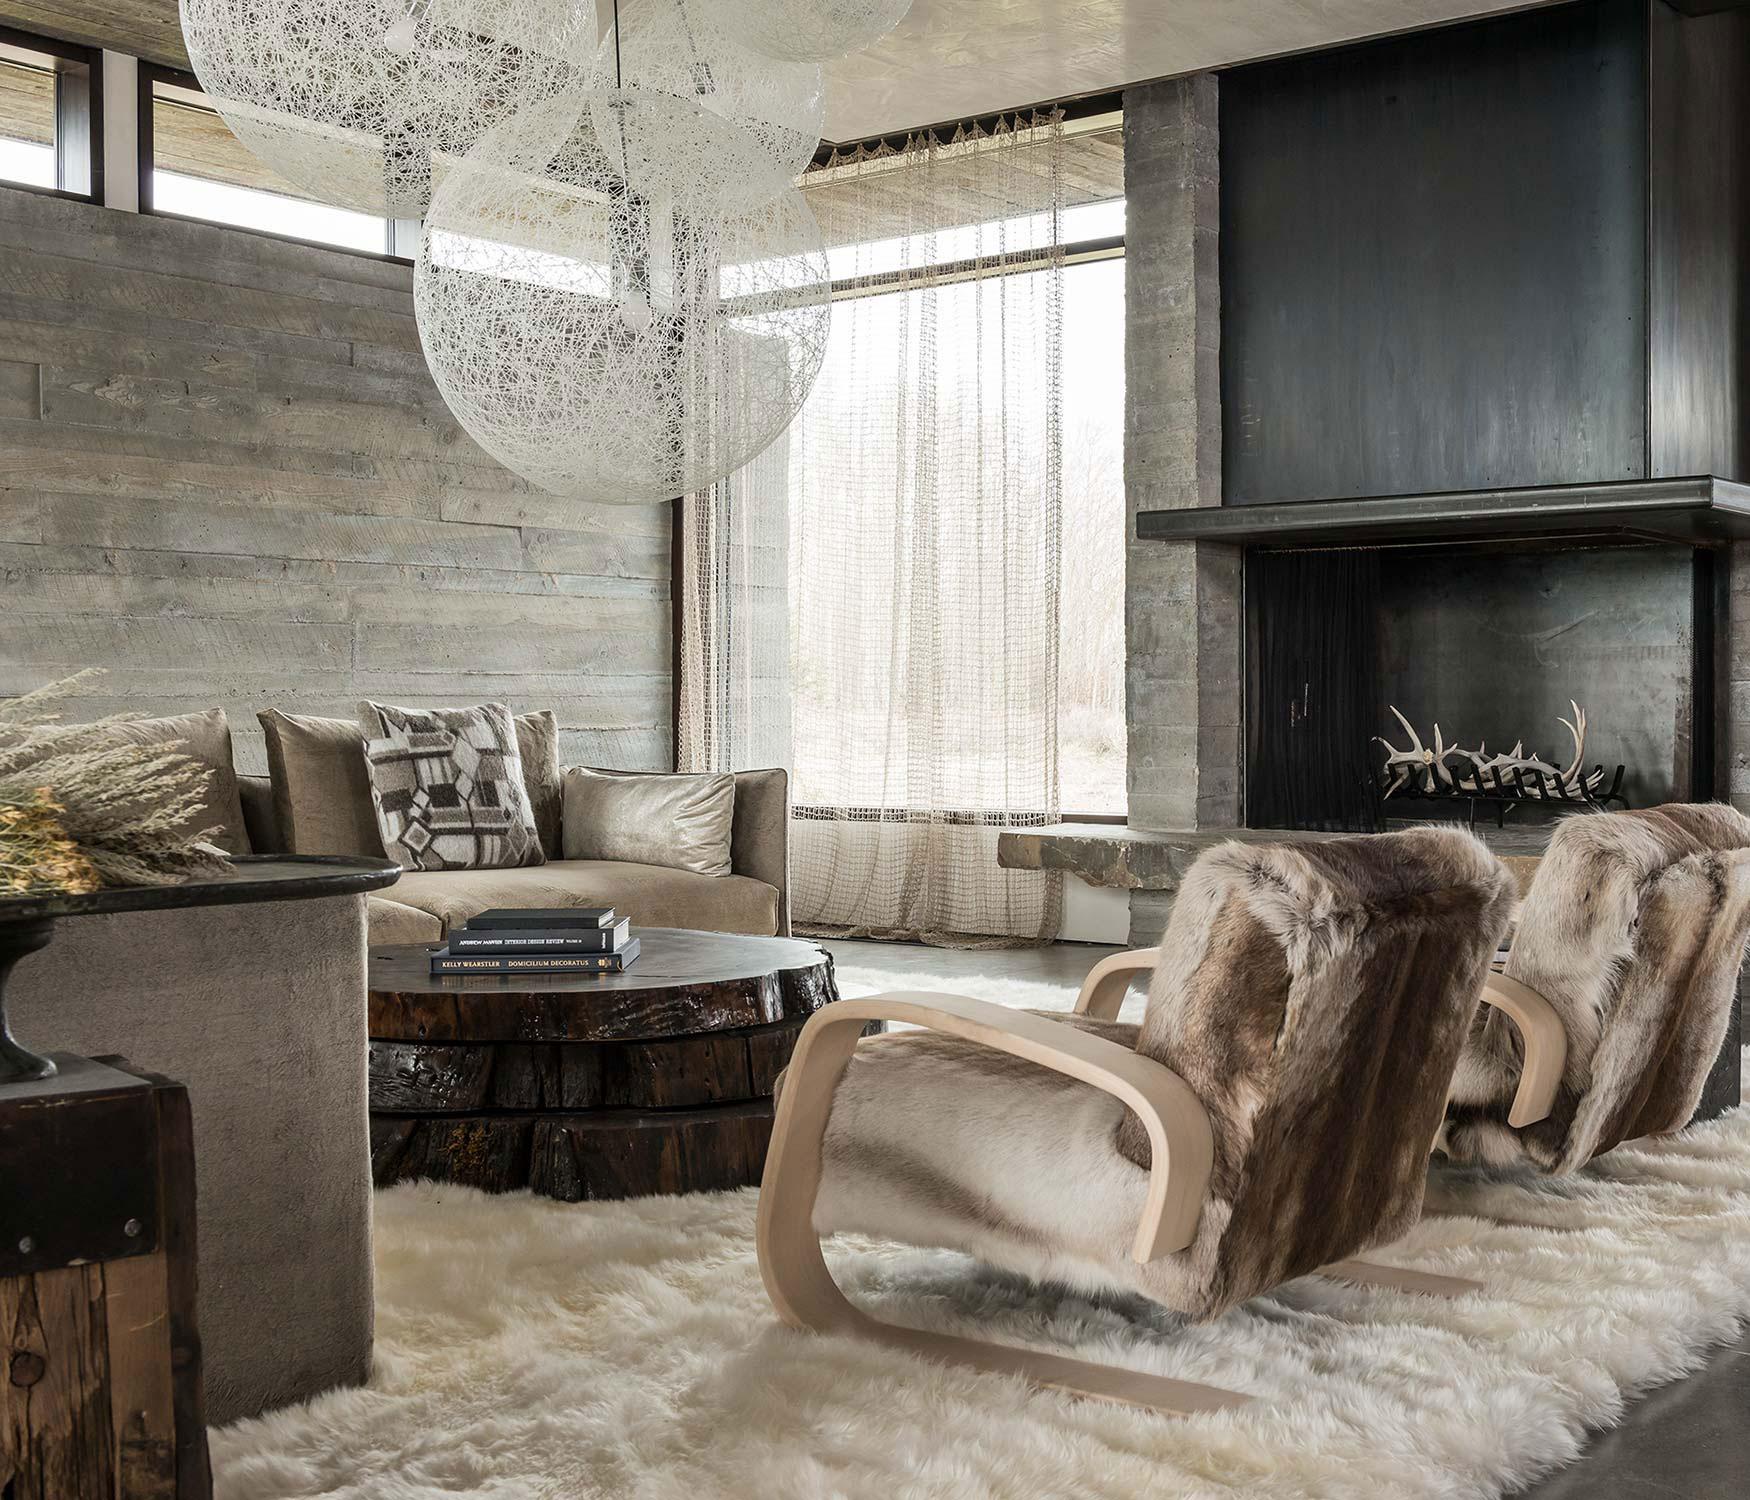 Modern Rustic Interior Design   Pearson Design Group